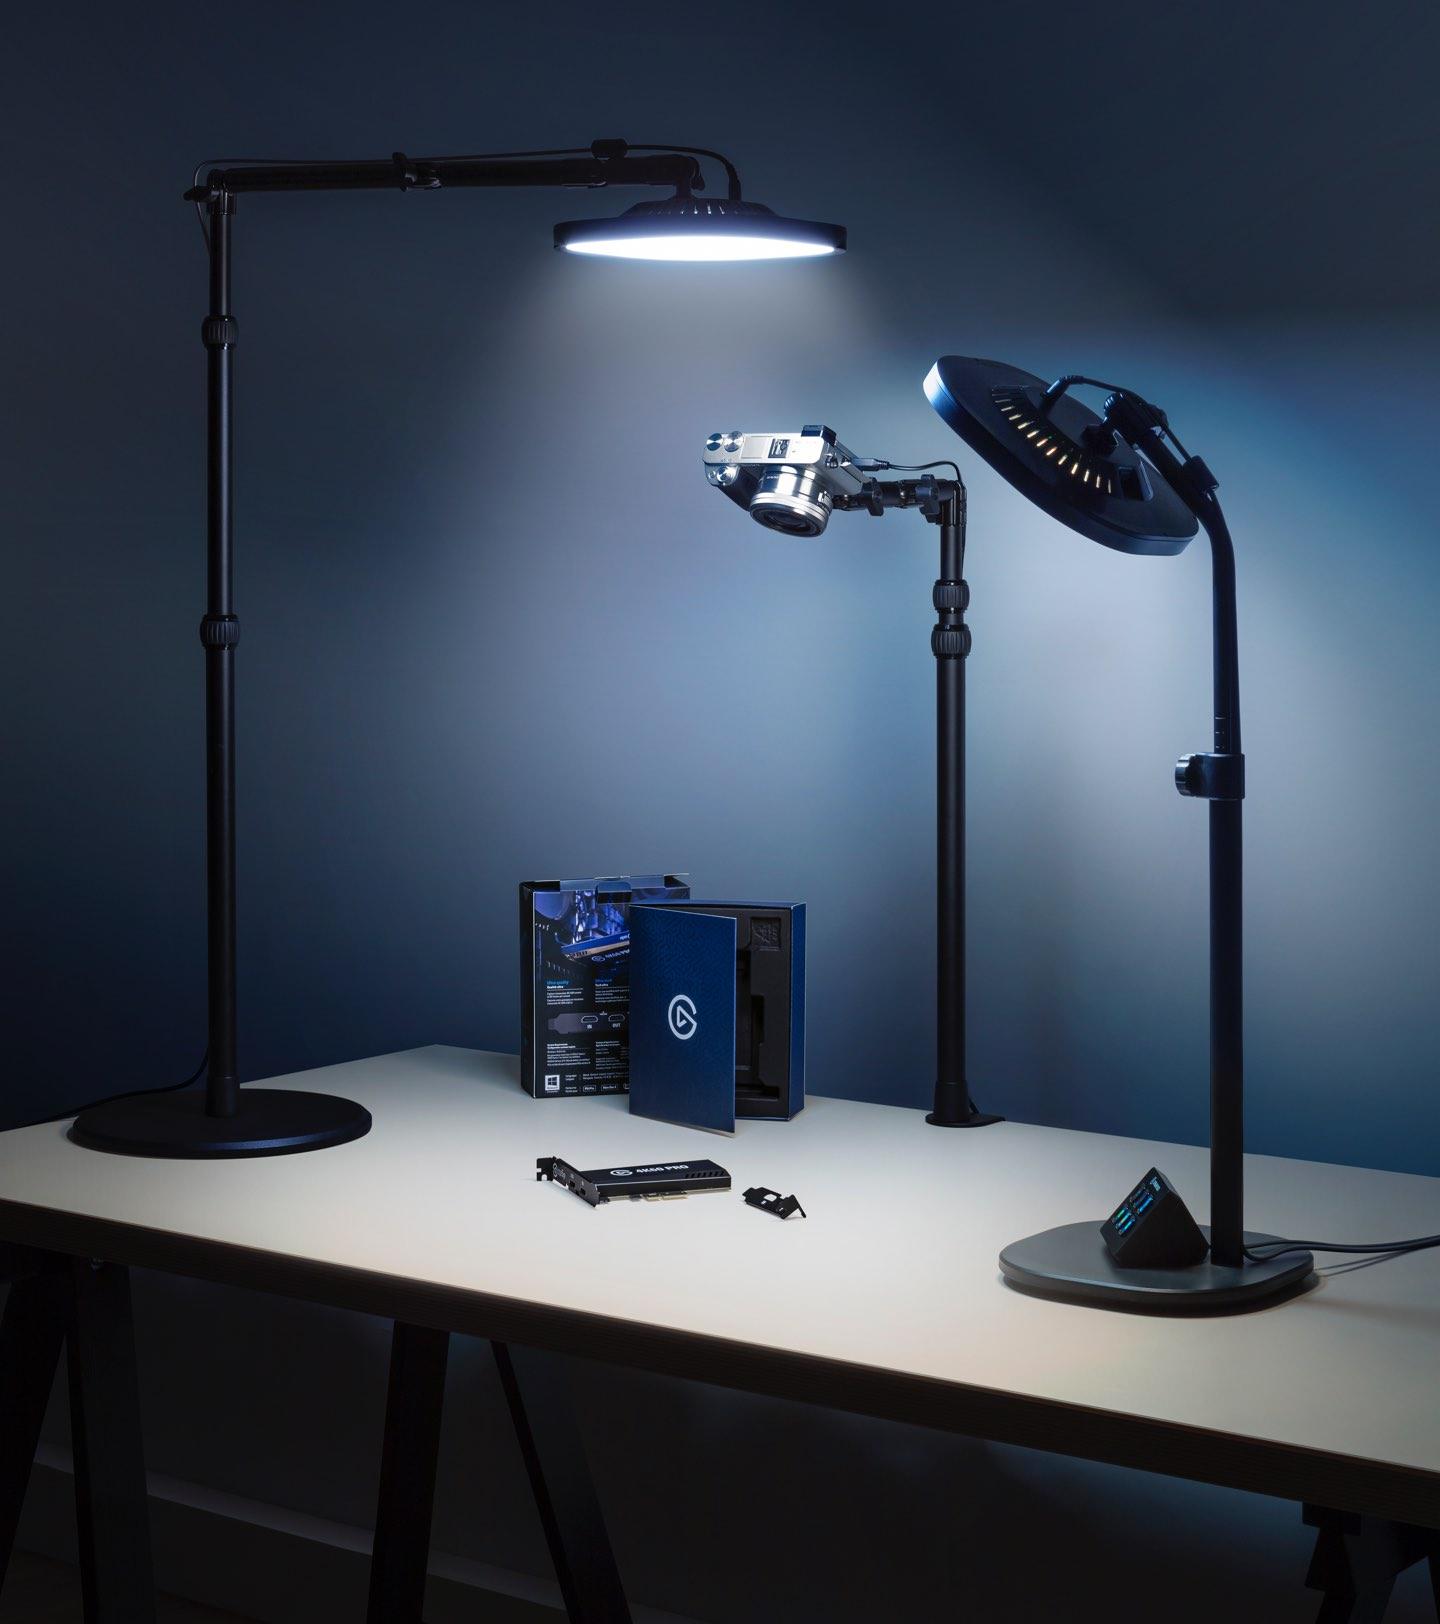 Elgato Key Light Air 1400 Lumens šviestuvas transliuotojui